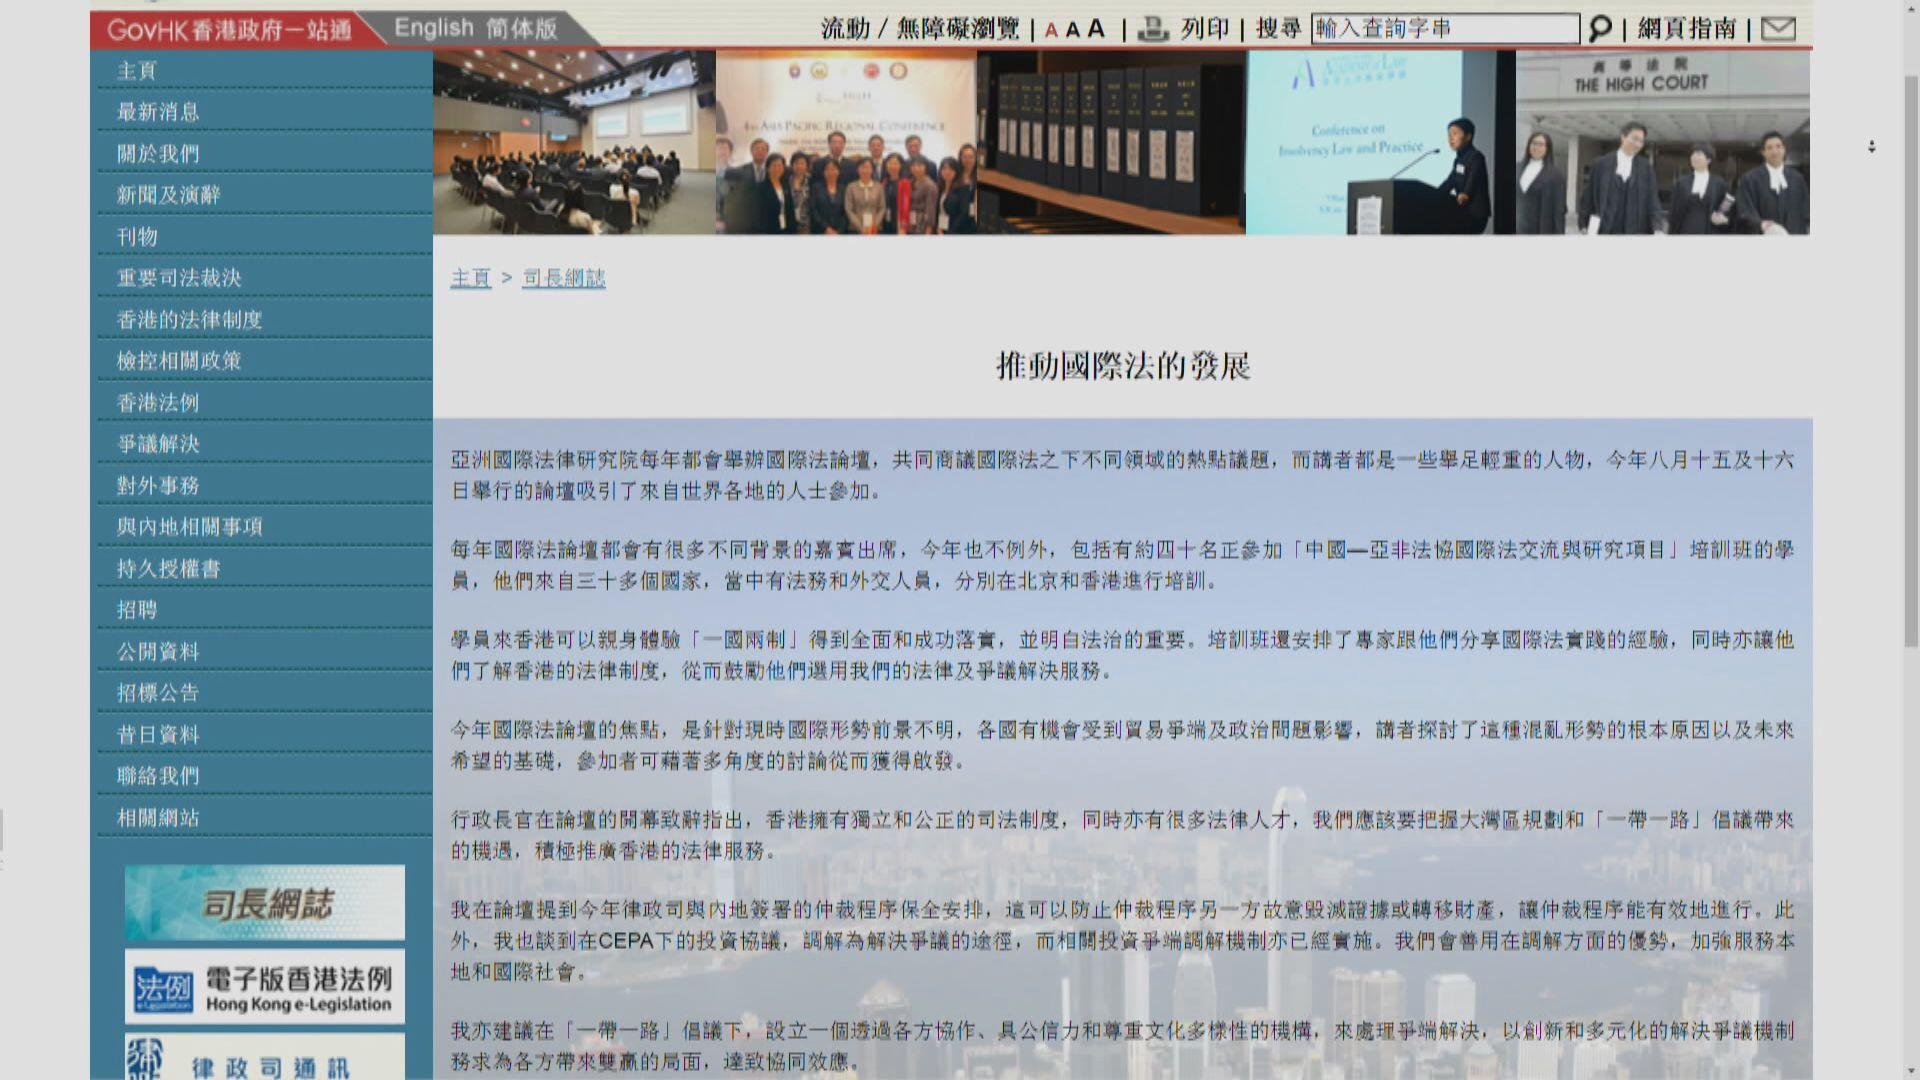 鄭若驊:應透過對話而非暴力來尋求共識